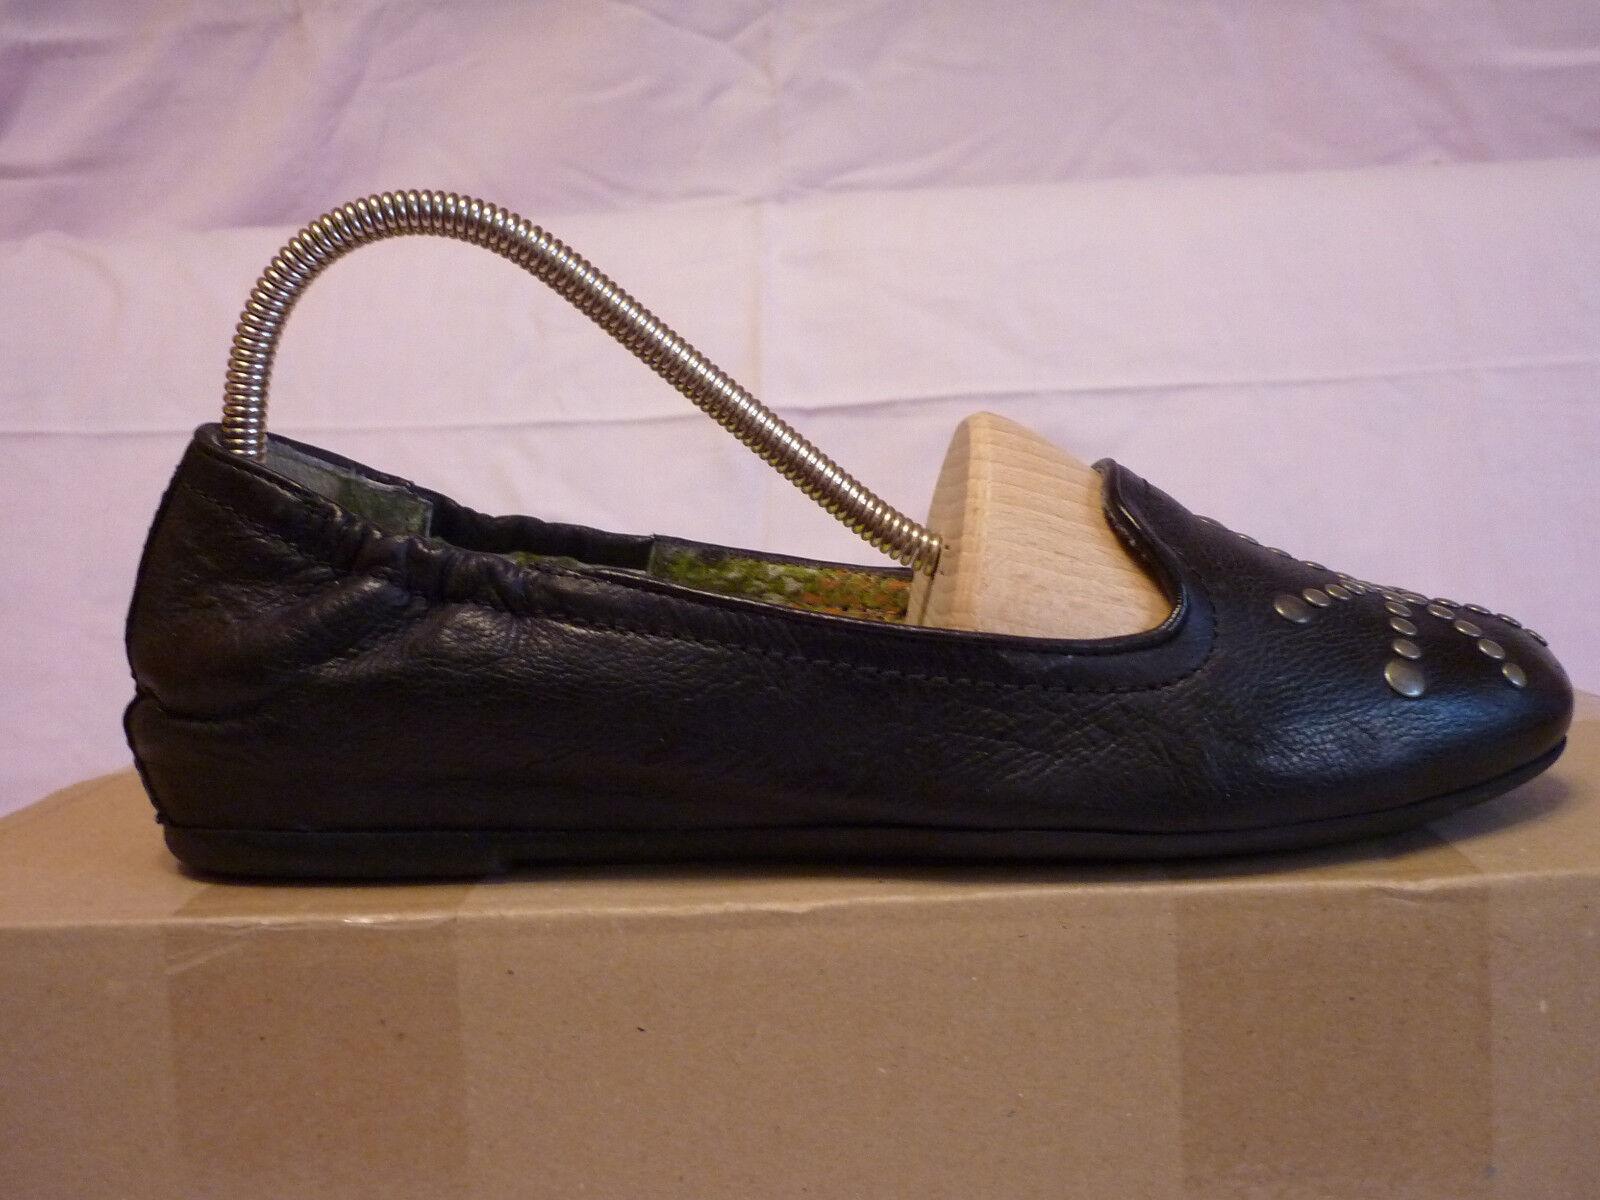 Mjus-schwarze Ballerinas Niete Leder 37 Abs-2